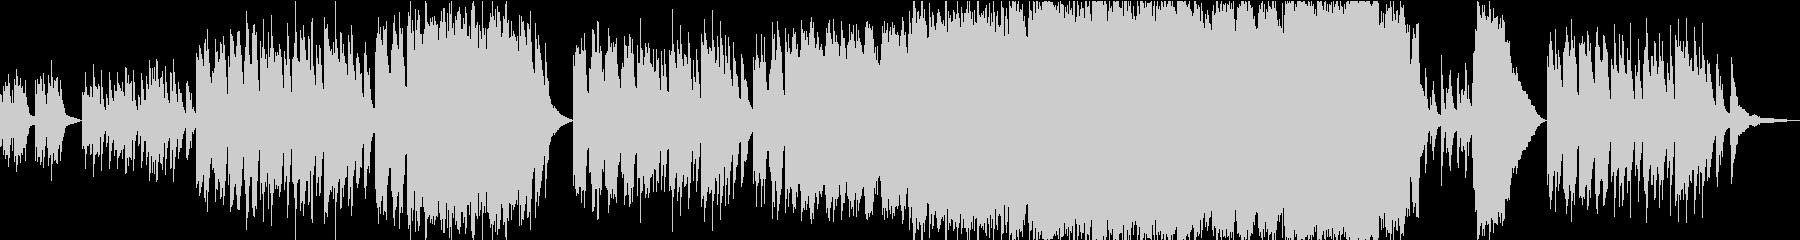 アクアリウム・熱帯魚 透明感あるピアノ曲の未再生の波形